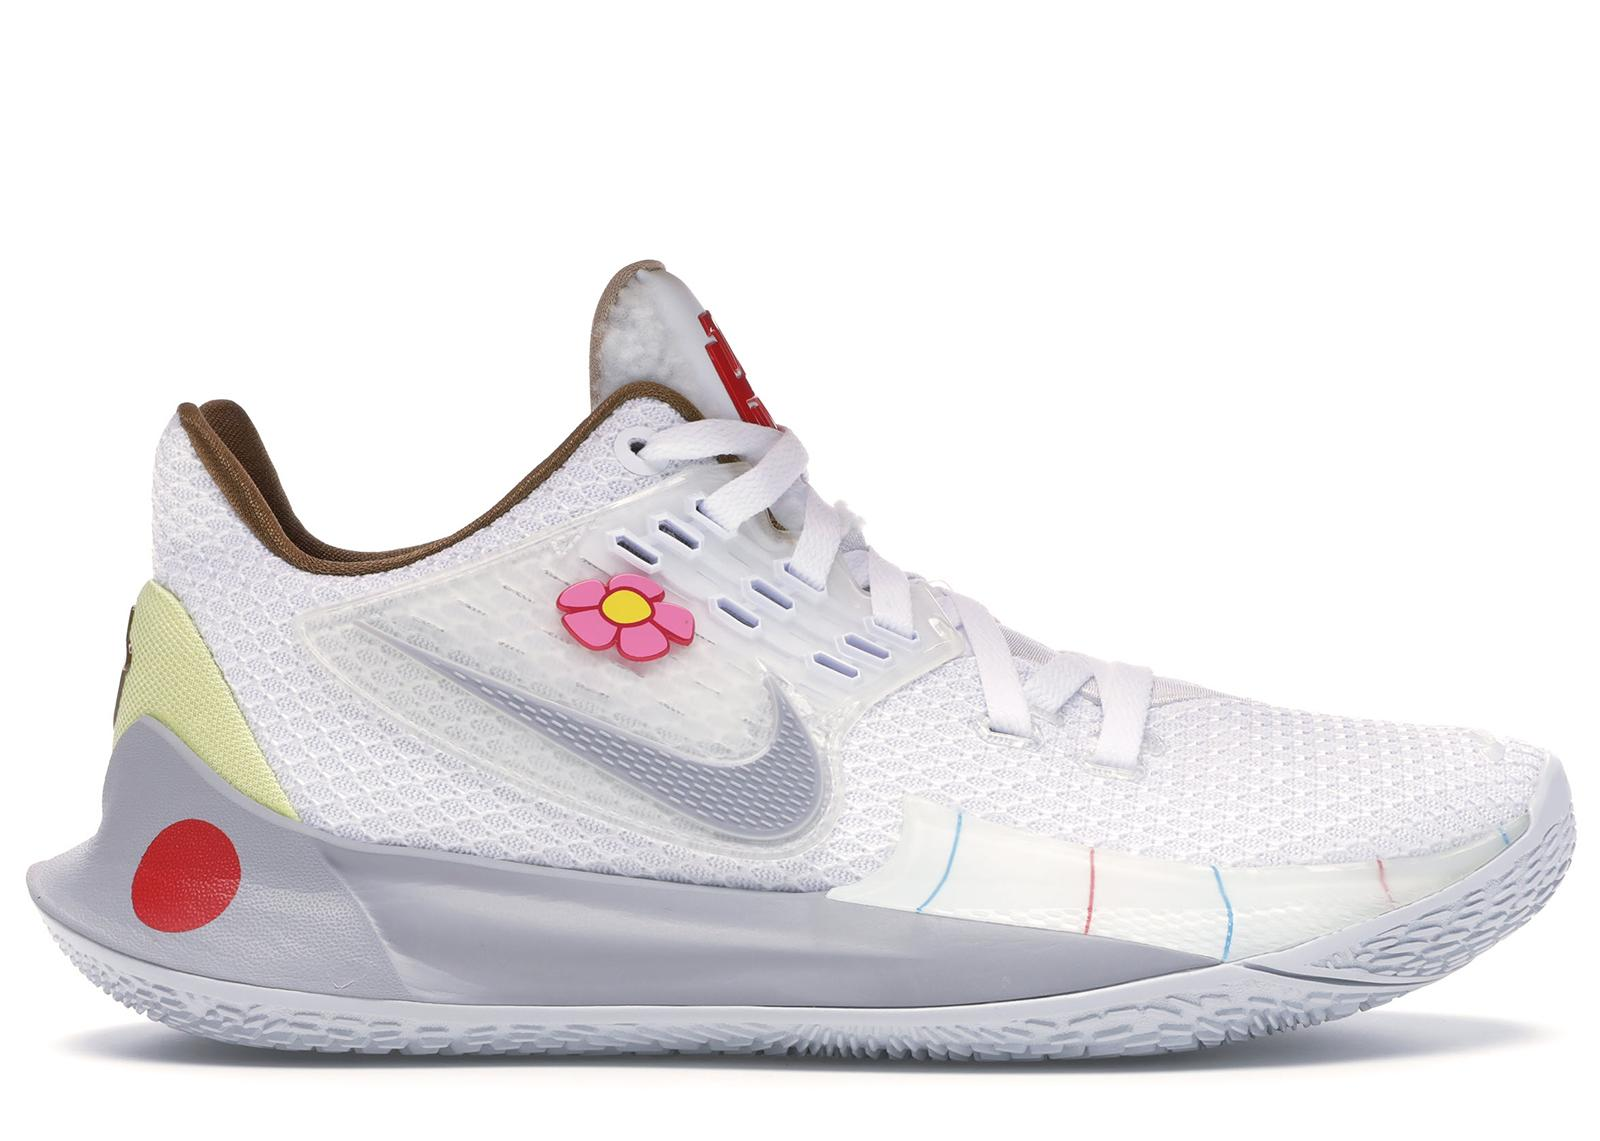 Nike Kyrie 2 Low Spongebob Sandy Cheeks In White For Men Lyst